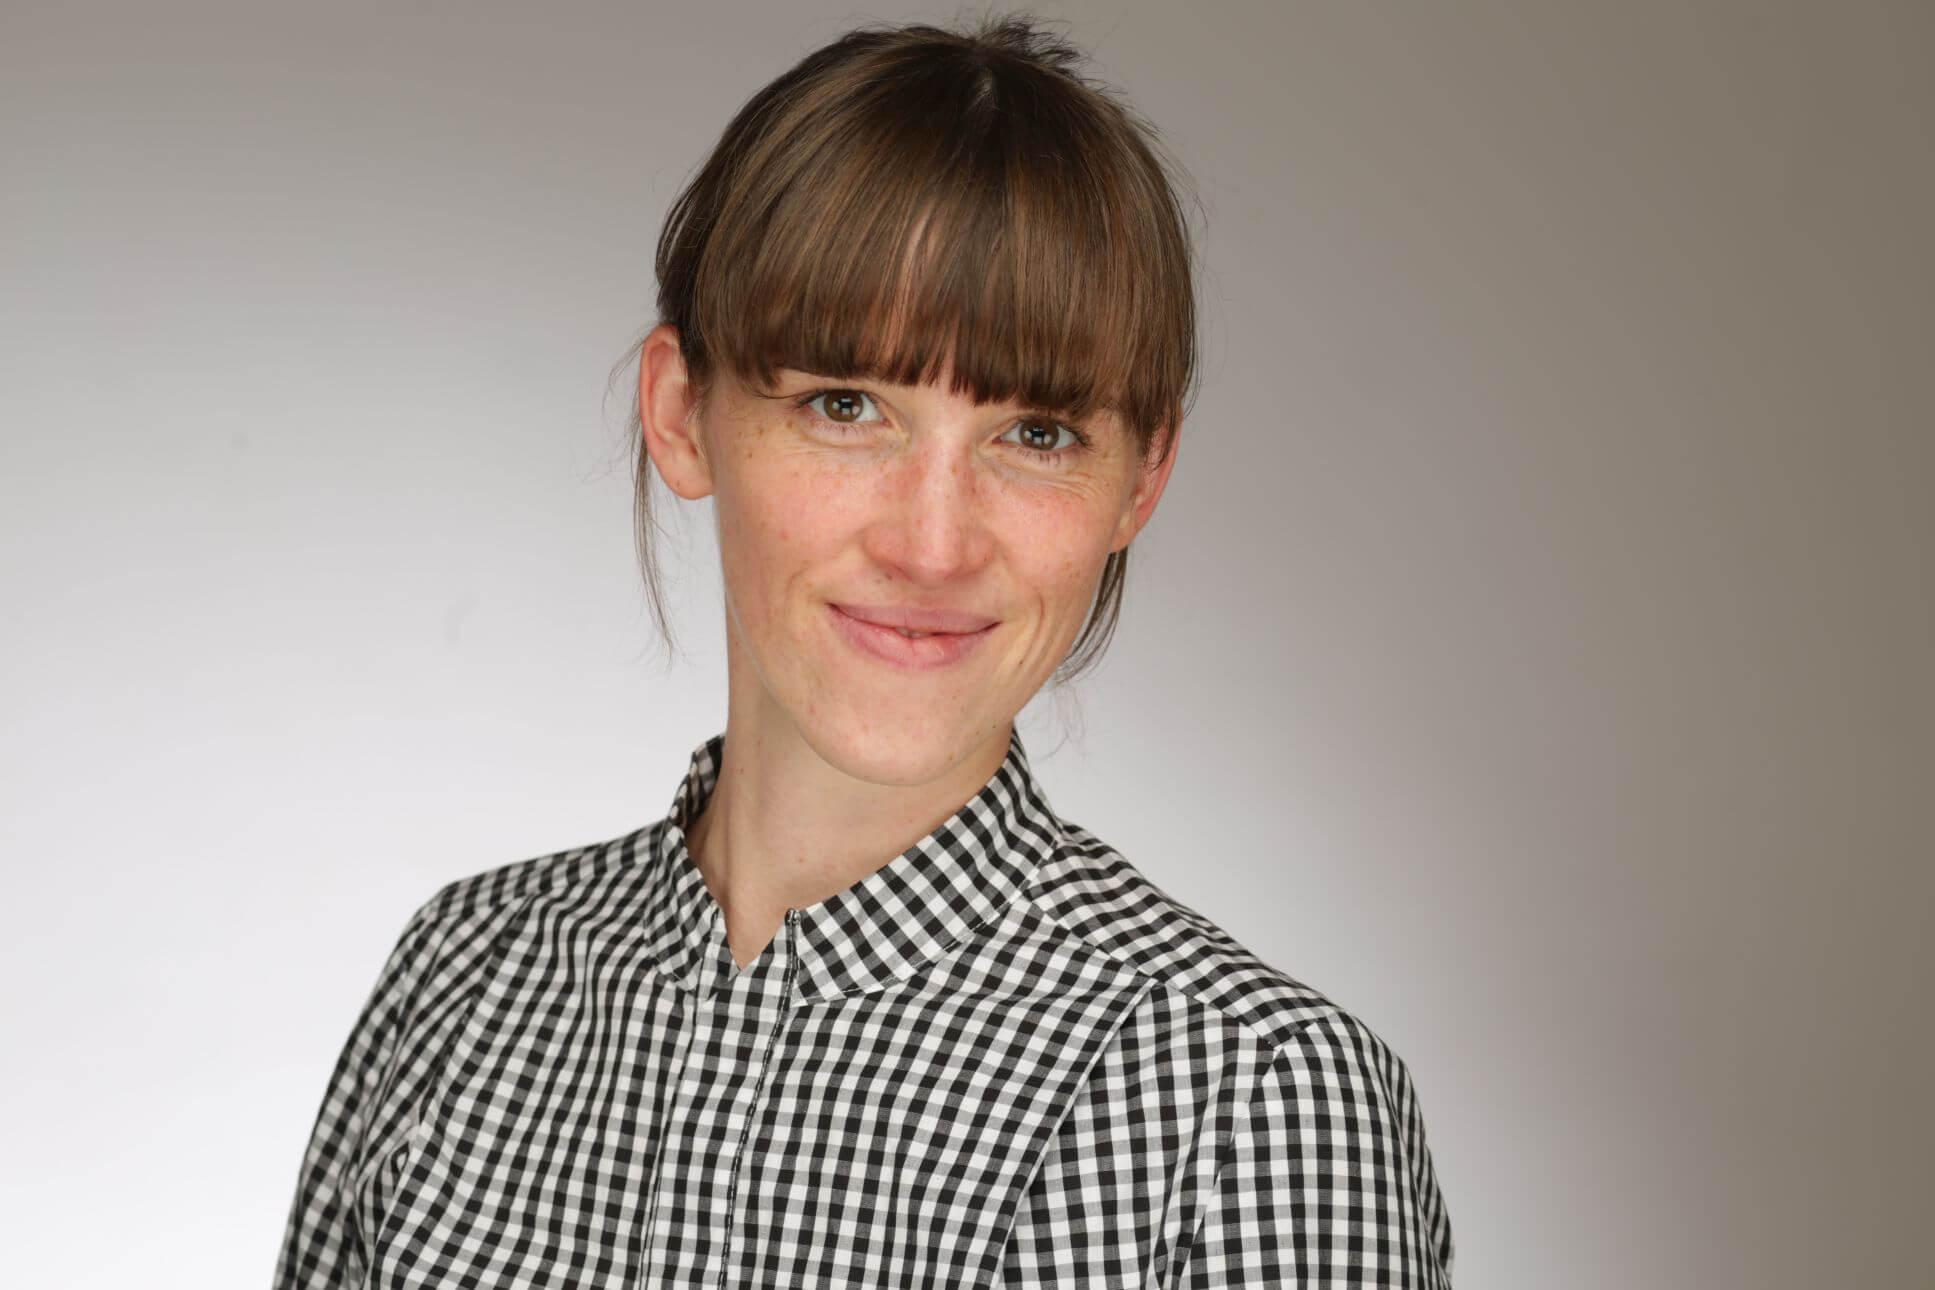 Elena Fronk stark und alleinerziehend Alexandra widmer verband der alleinerziehenden Mütter und Väter einsamkieit